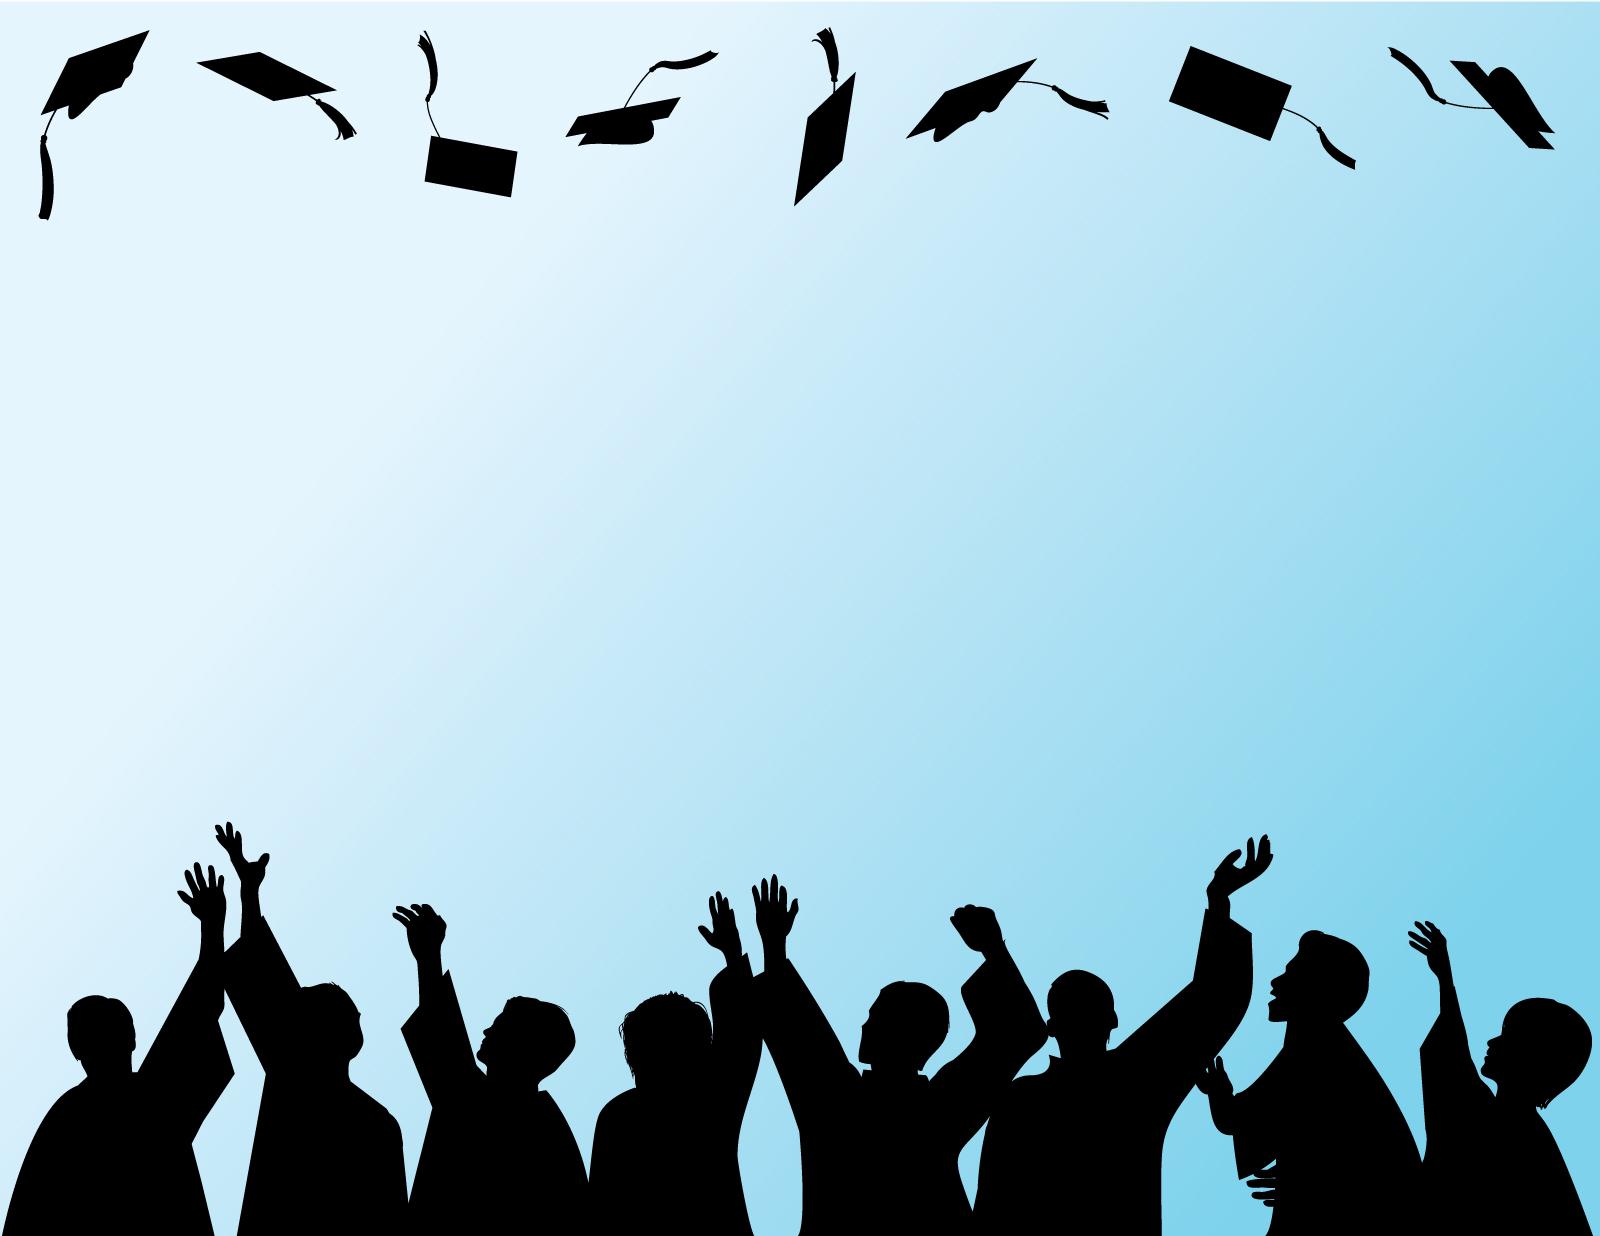 صور التهنئة بالتخرج من الكلية  (8)